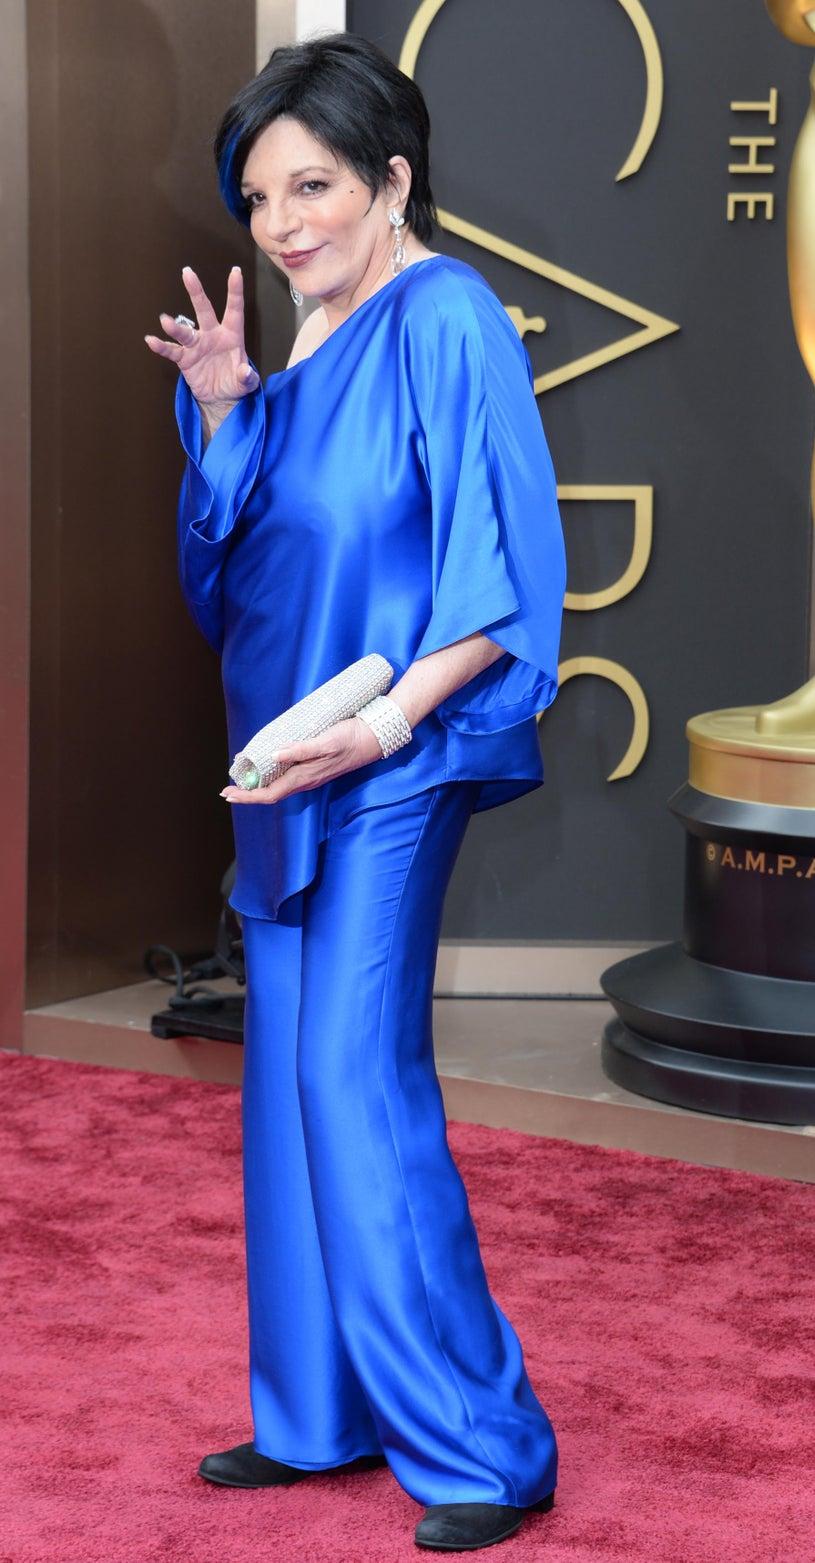 Liza Minnelli - 86th Annual Academ Awards in Hollywood, California, March 2, 2014